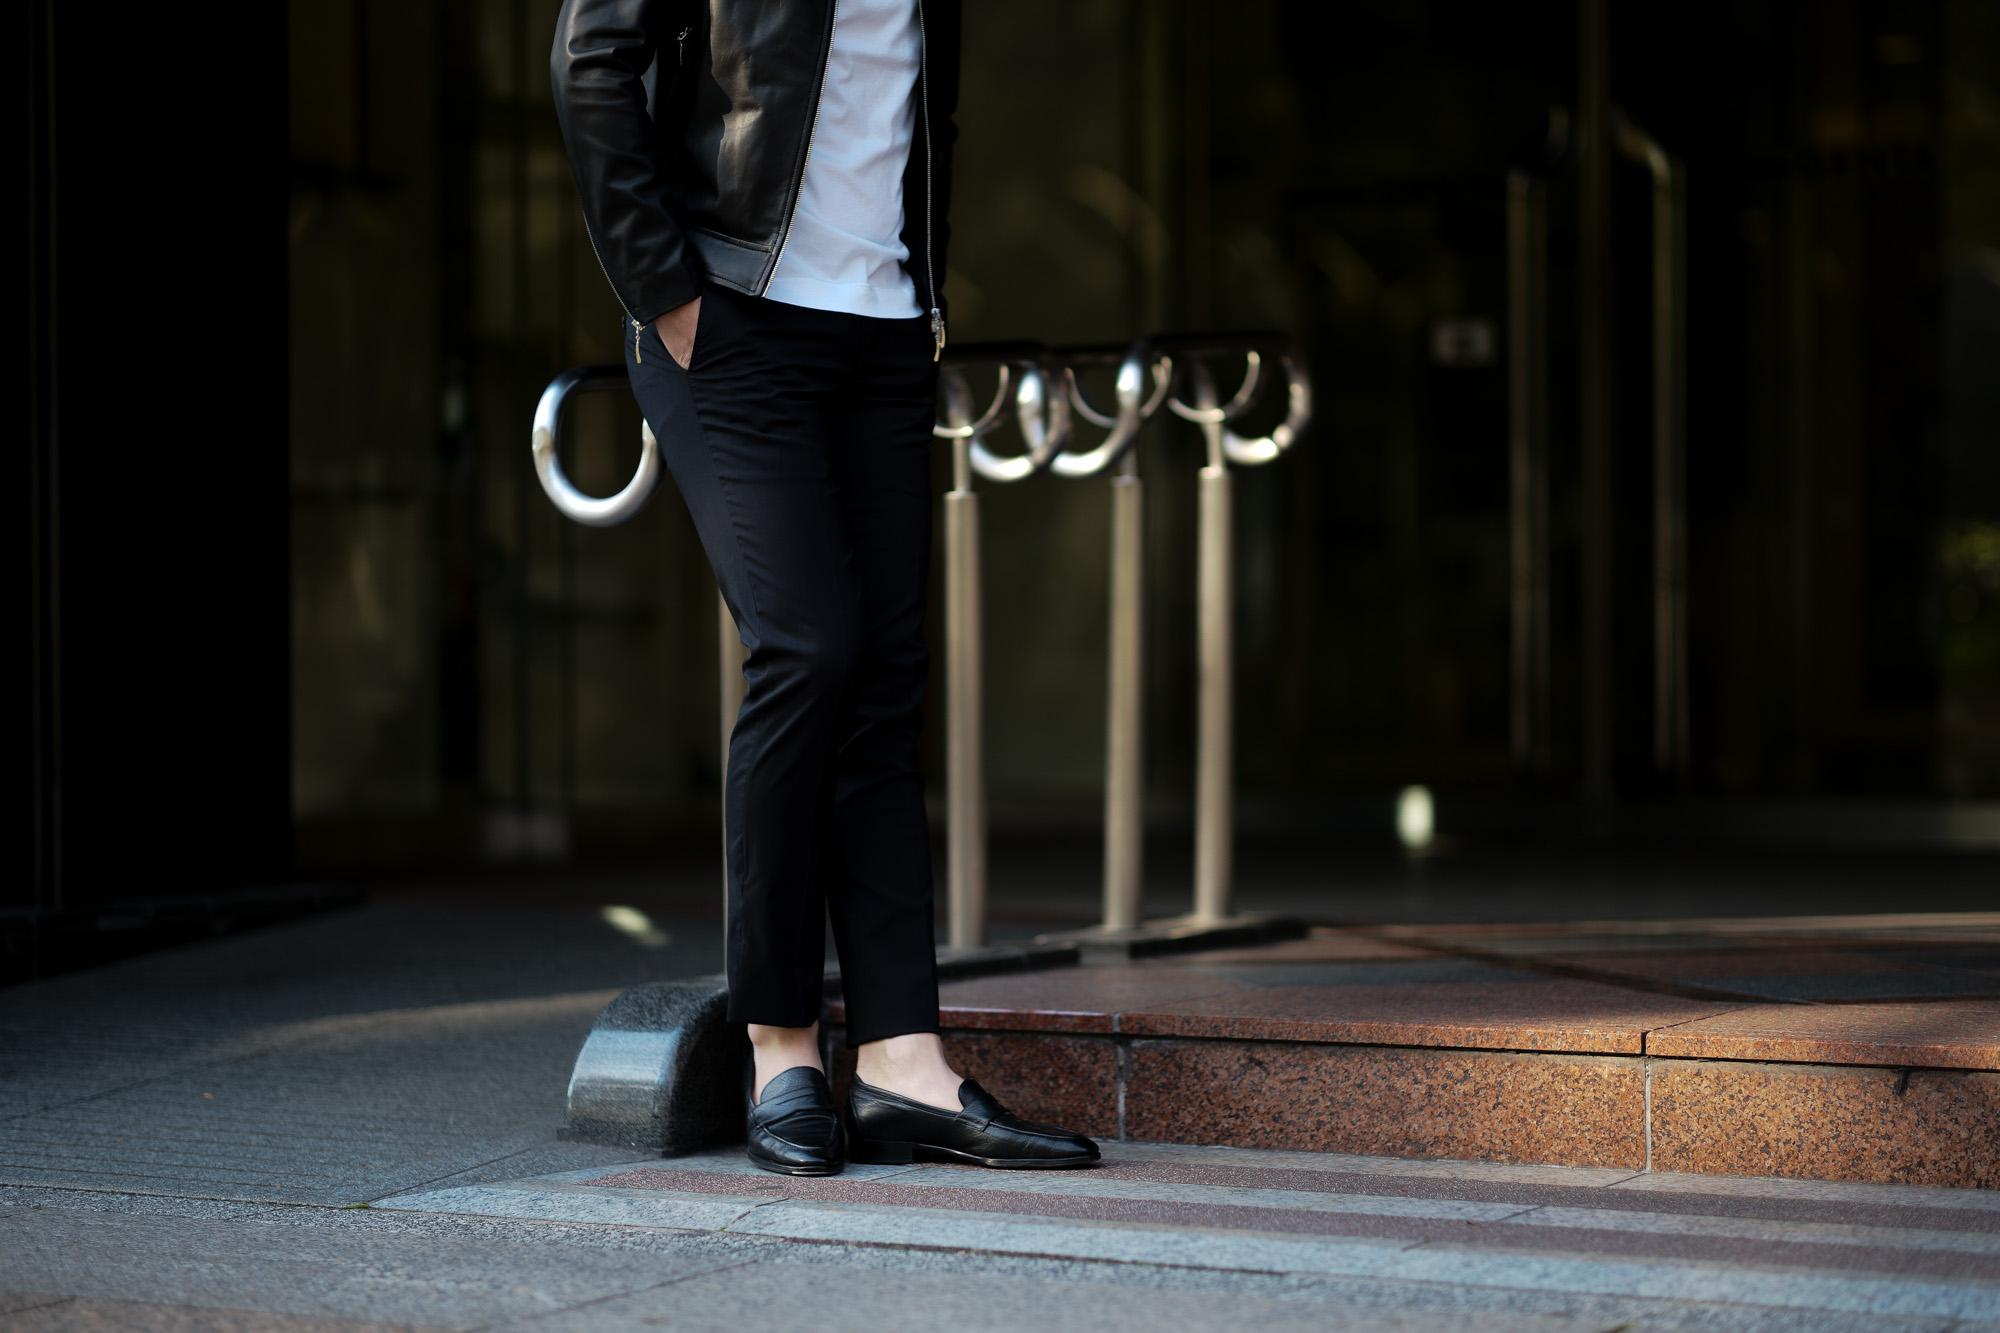 cuervo bopoha (クエルボ ヴァローナ) Sartoria Collection (サルトリア コレクション) Brad (ブラッド) Super 120's WASHABLE TROPICAL WOOL ウォッシャブル ストレッチ トロピカルウール サマーウール スラックス BLACK (ブラック) MADE IN JAPAN (日本製) 2020 春夏 愛知 名古屋 altoediritto アルトエデリット